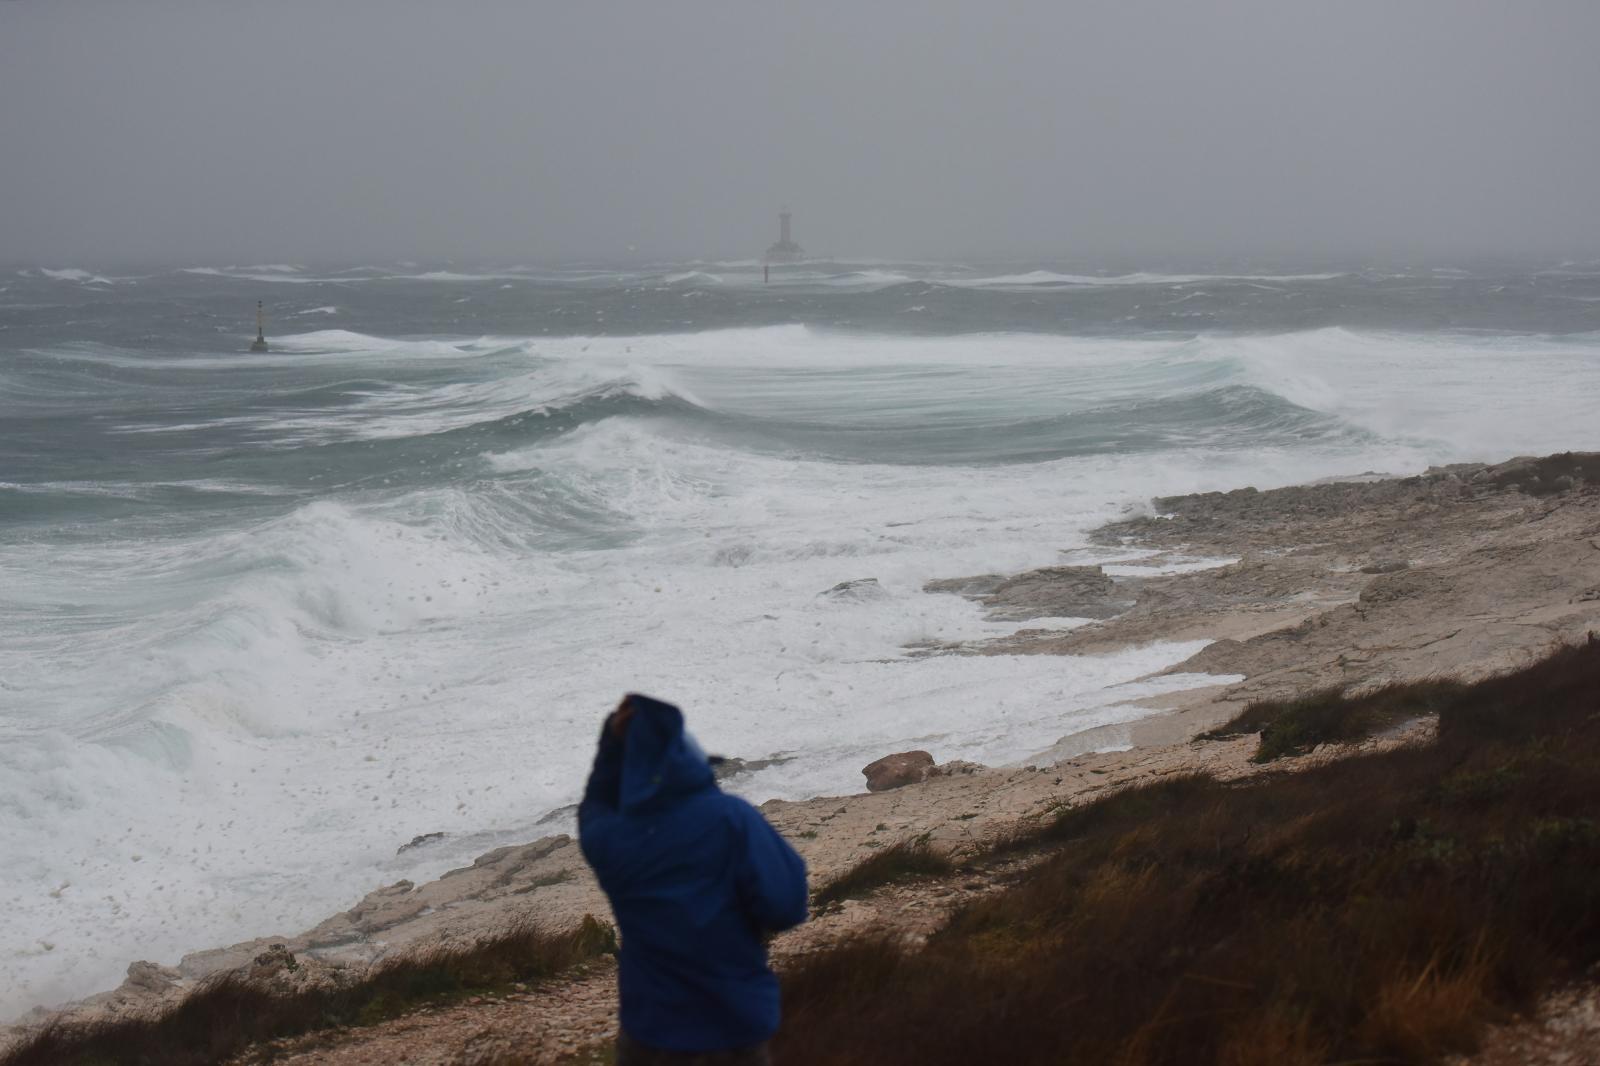 Slovenski surfer živ u Italiji, u moru bio 25 sati